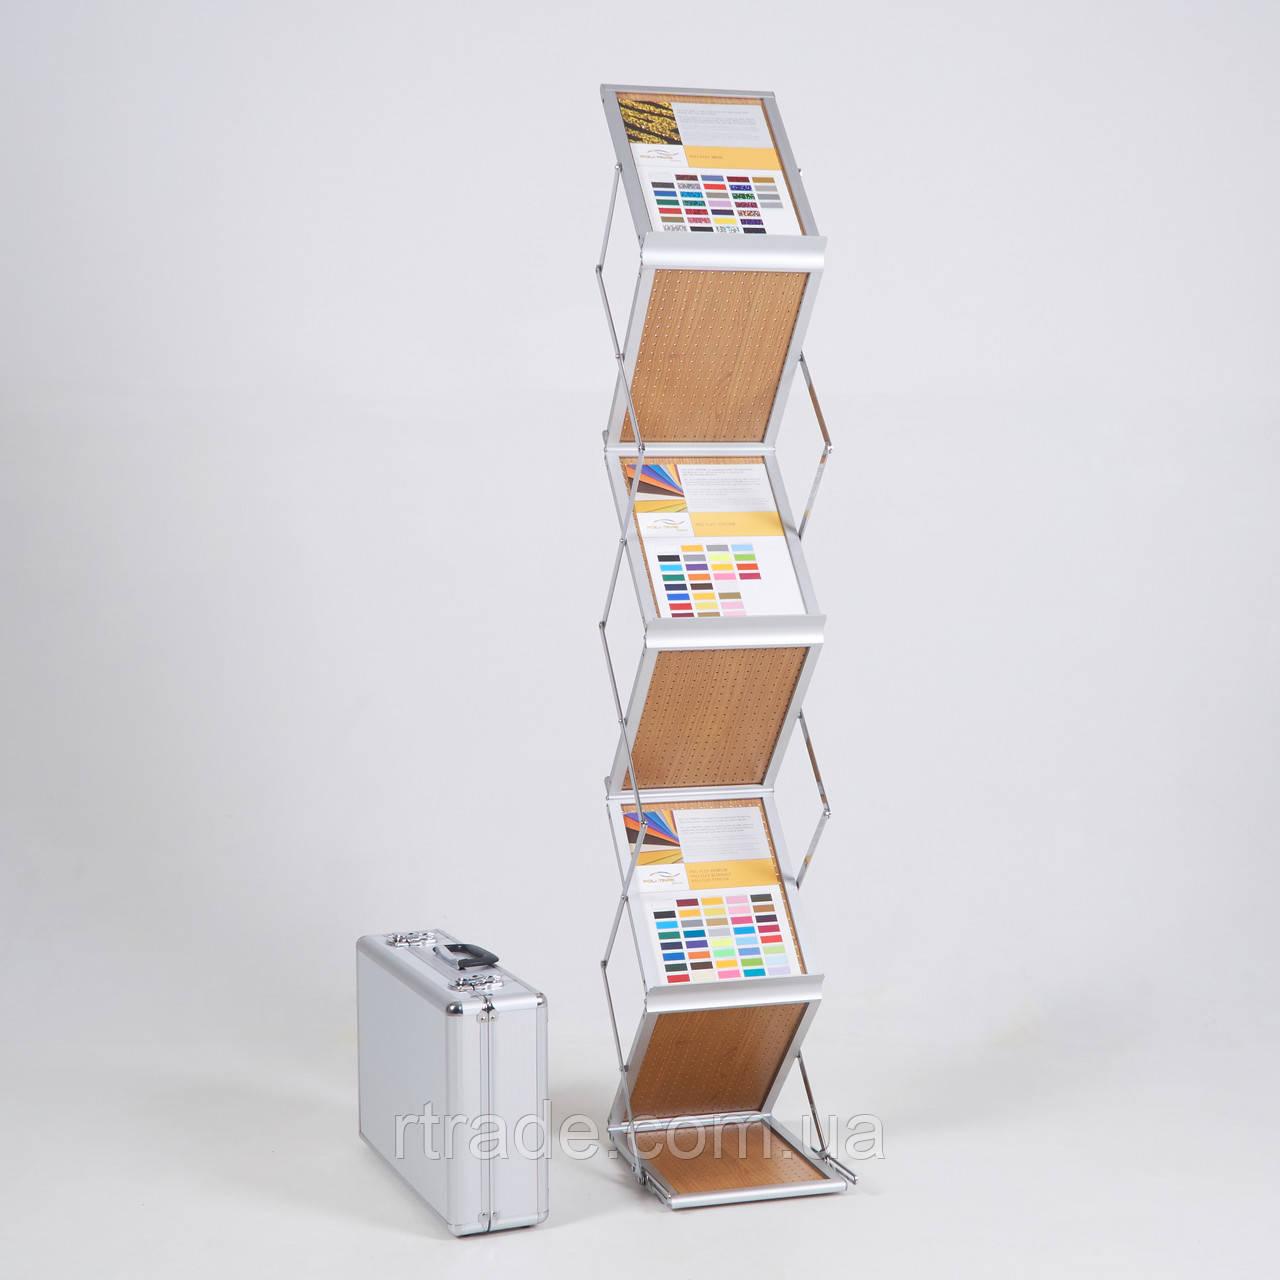 Стойка для листовок и буклетов с кейсом